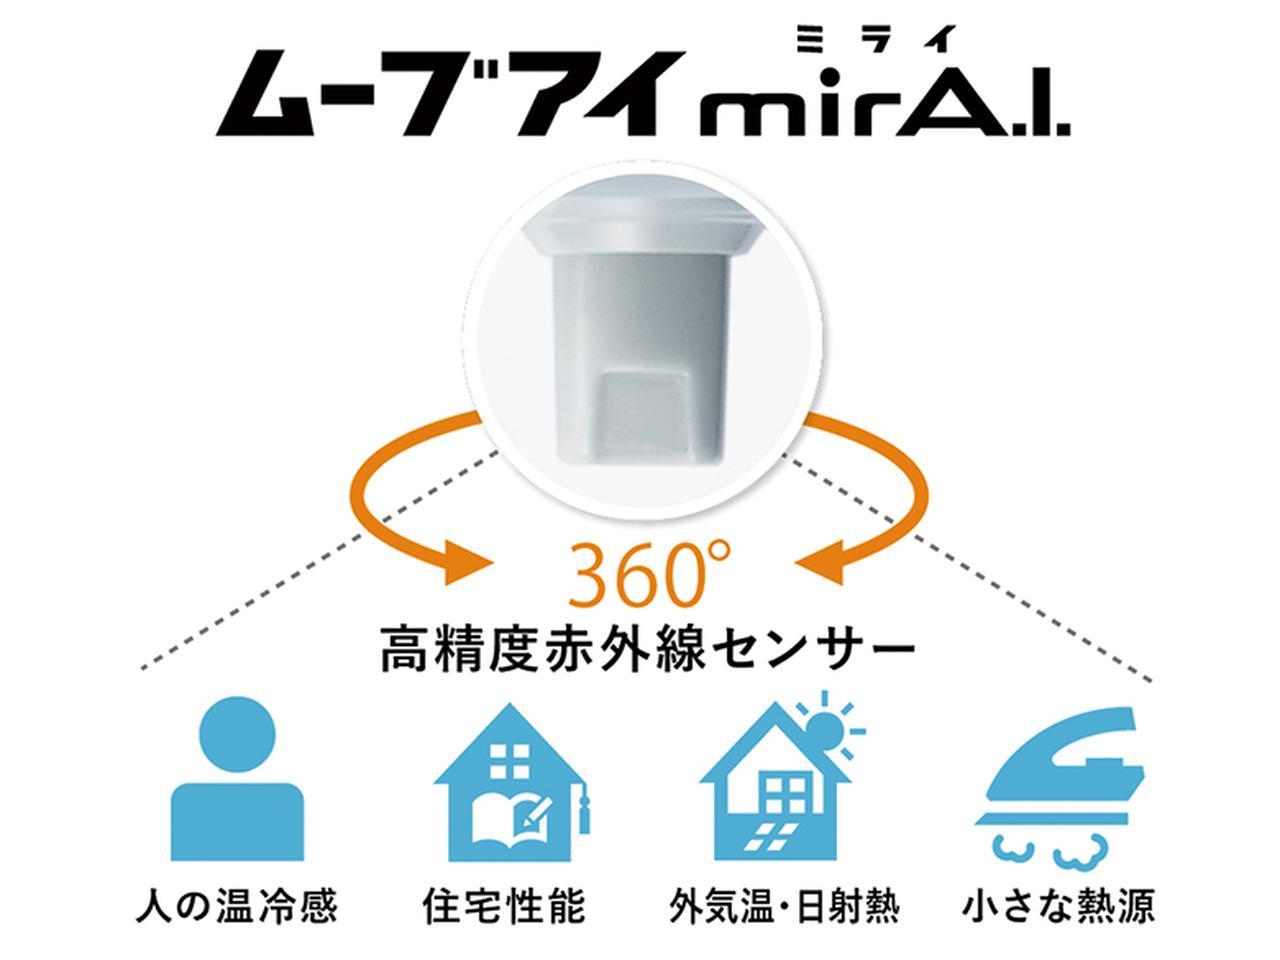 画像7: 【エアコン選び&使い方】室外機の掃除は必要?サーキュレーターは夏と冬で使い分けよう